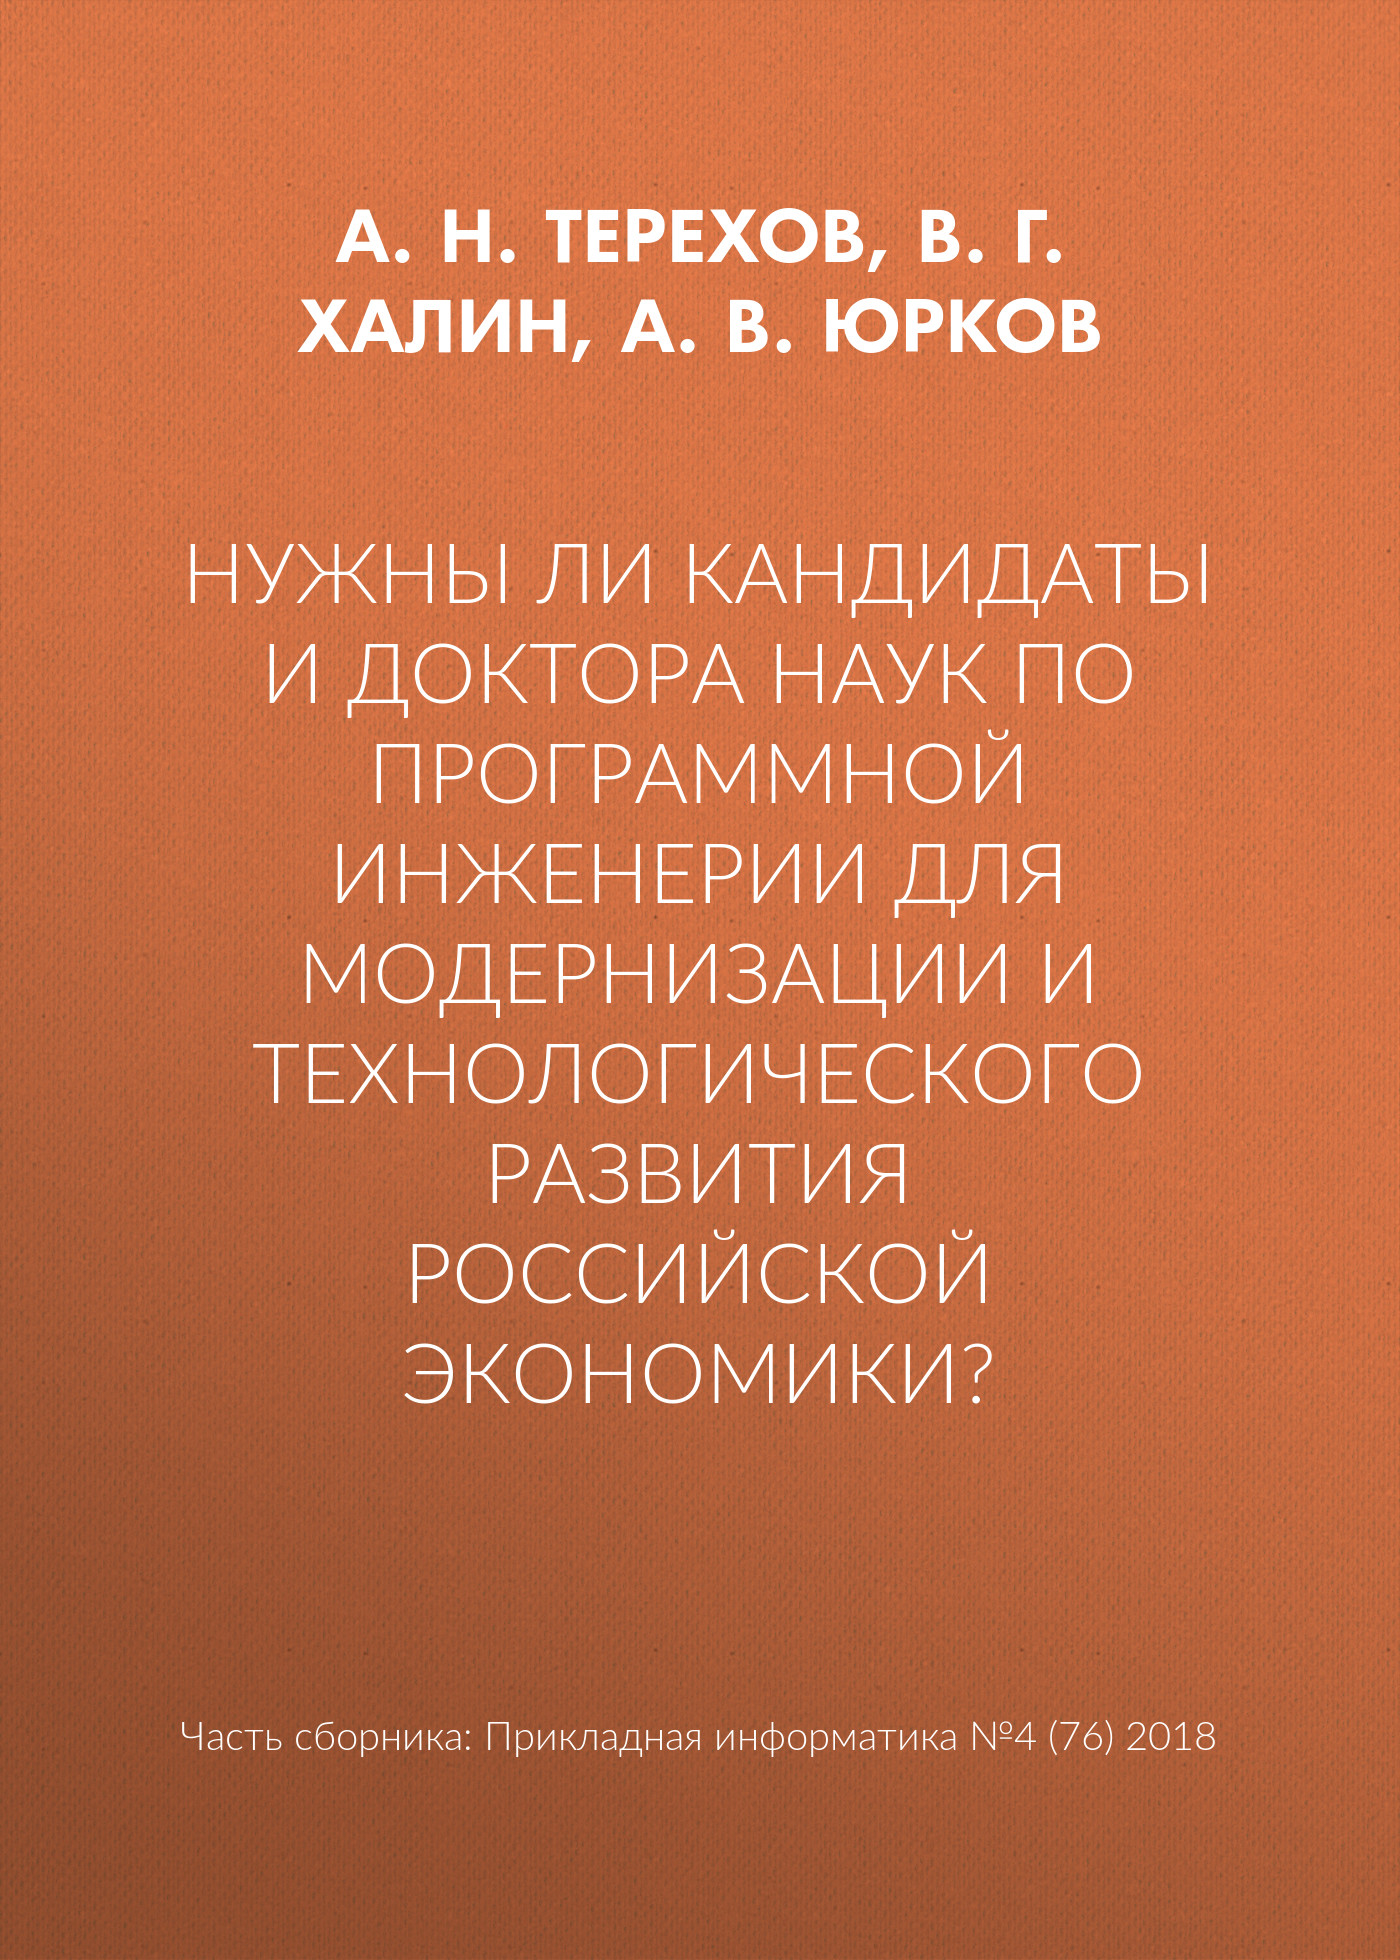 А. В. Юрков Нужны ли кандидаты и доктора наук по программной инженерии для модернизации и технологического развития российской экономики?